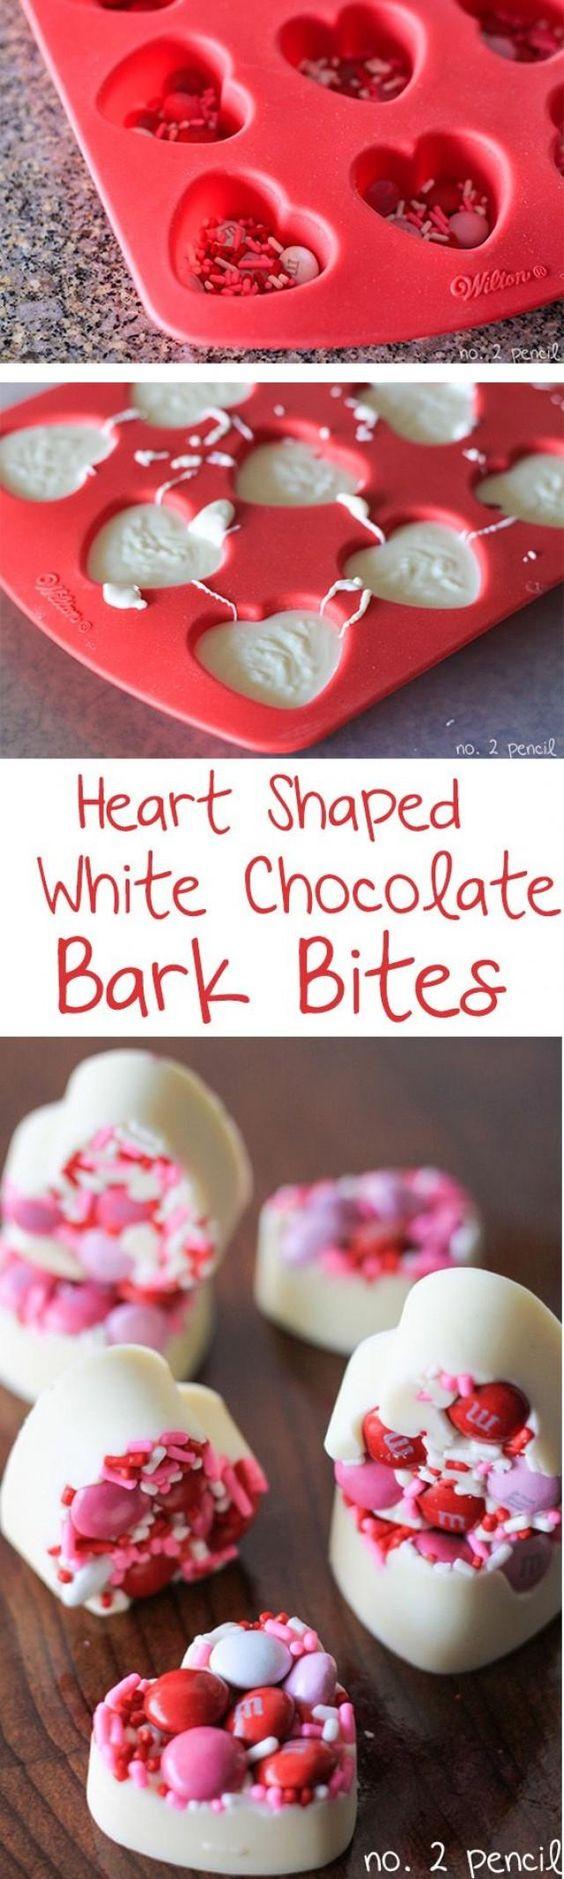 comidas romanticas chocolate